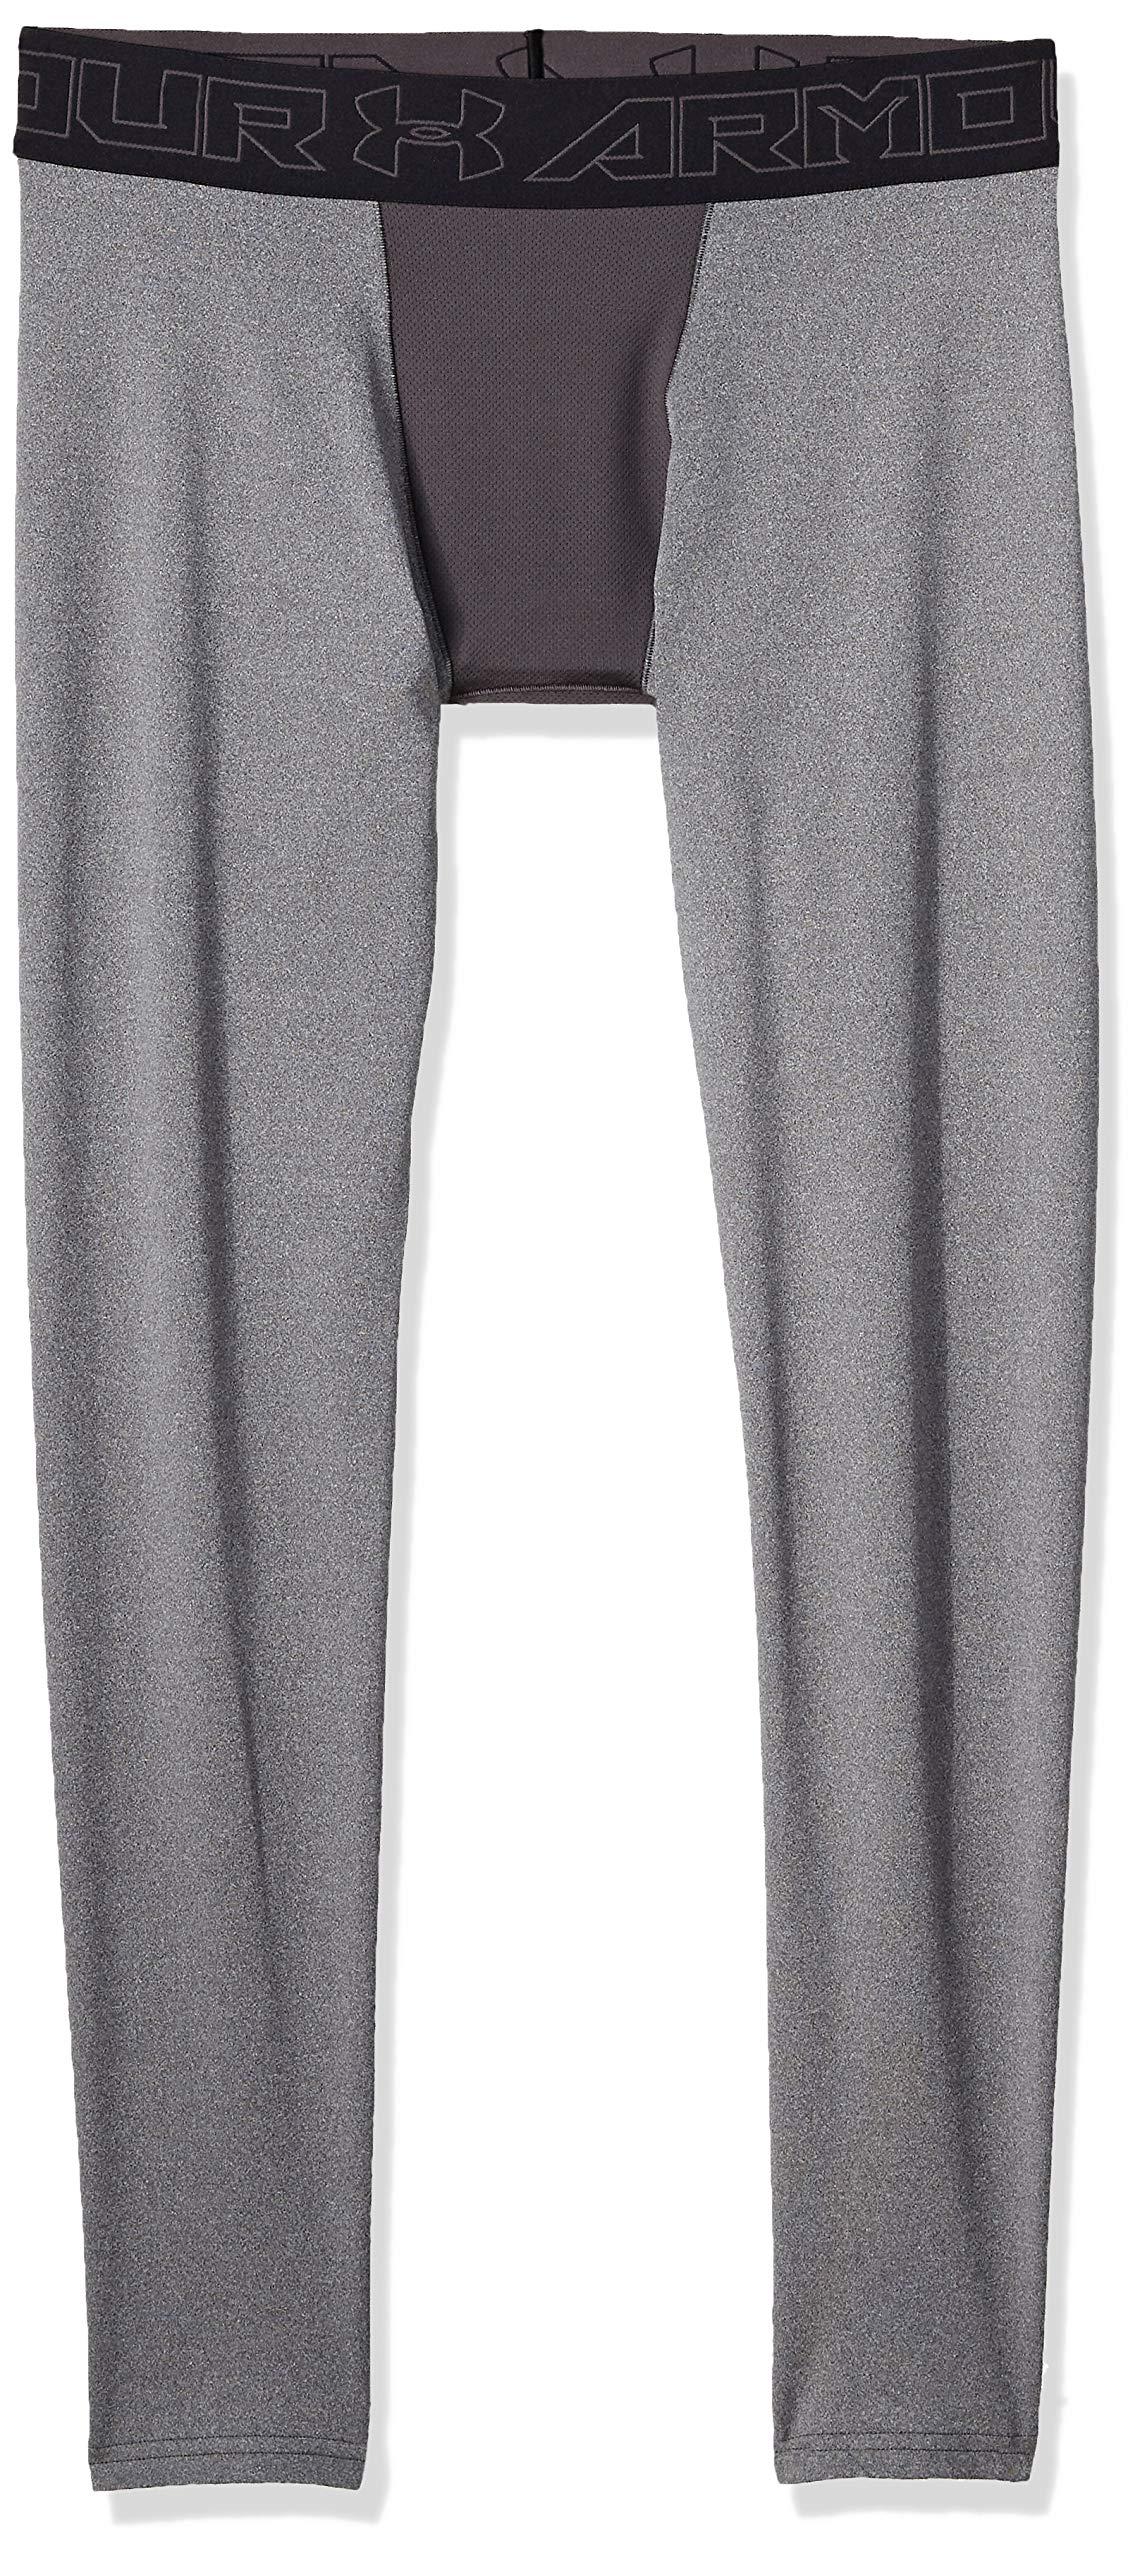 アンダーアーマーメンズColdGearタイツ通気性のある暖かいズボン、圧縮フィット